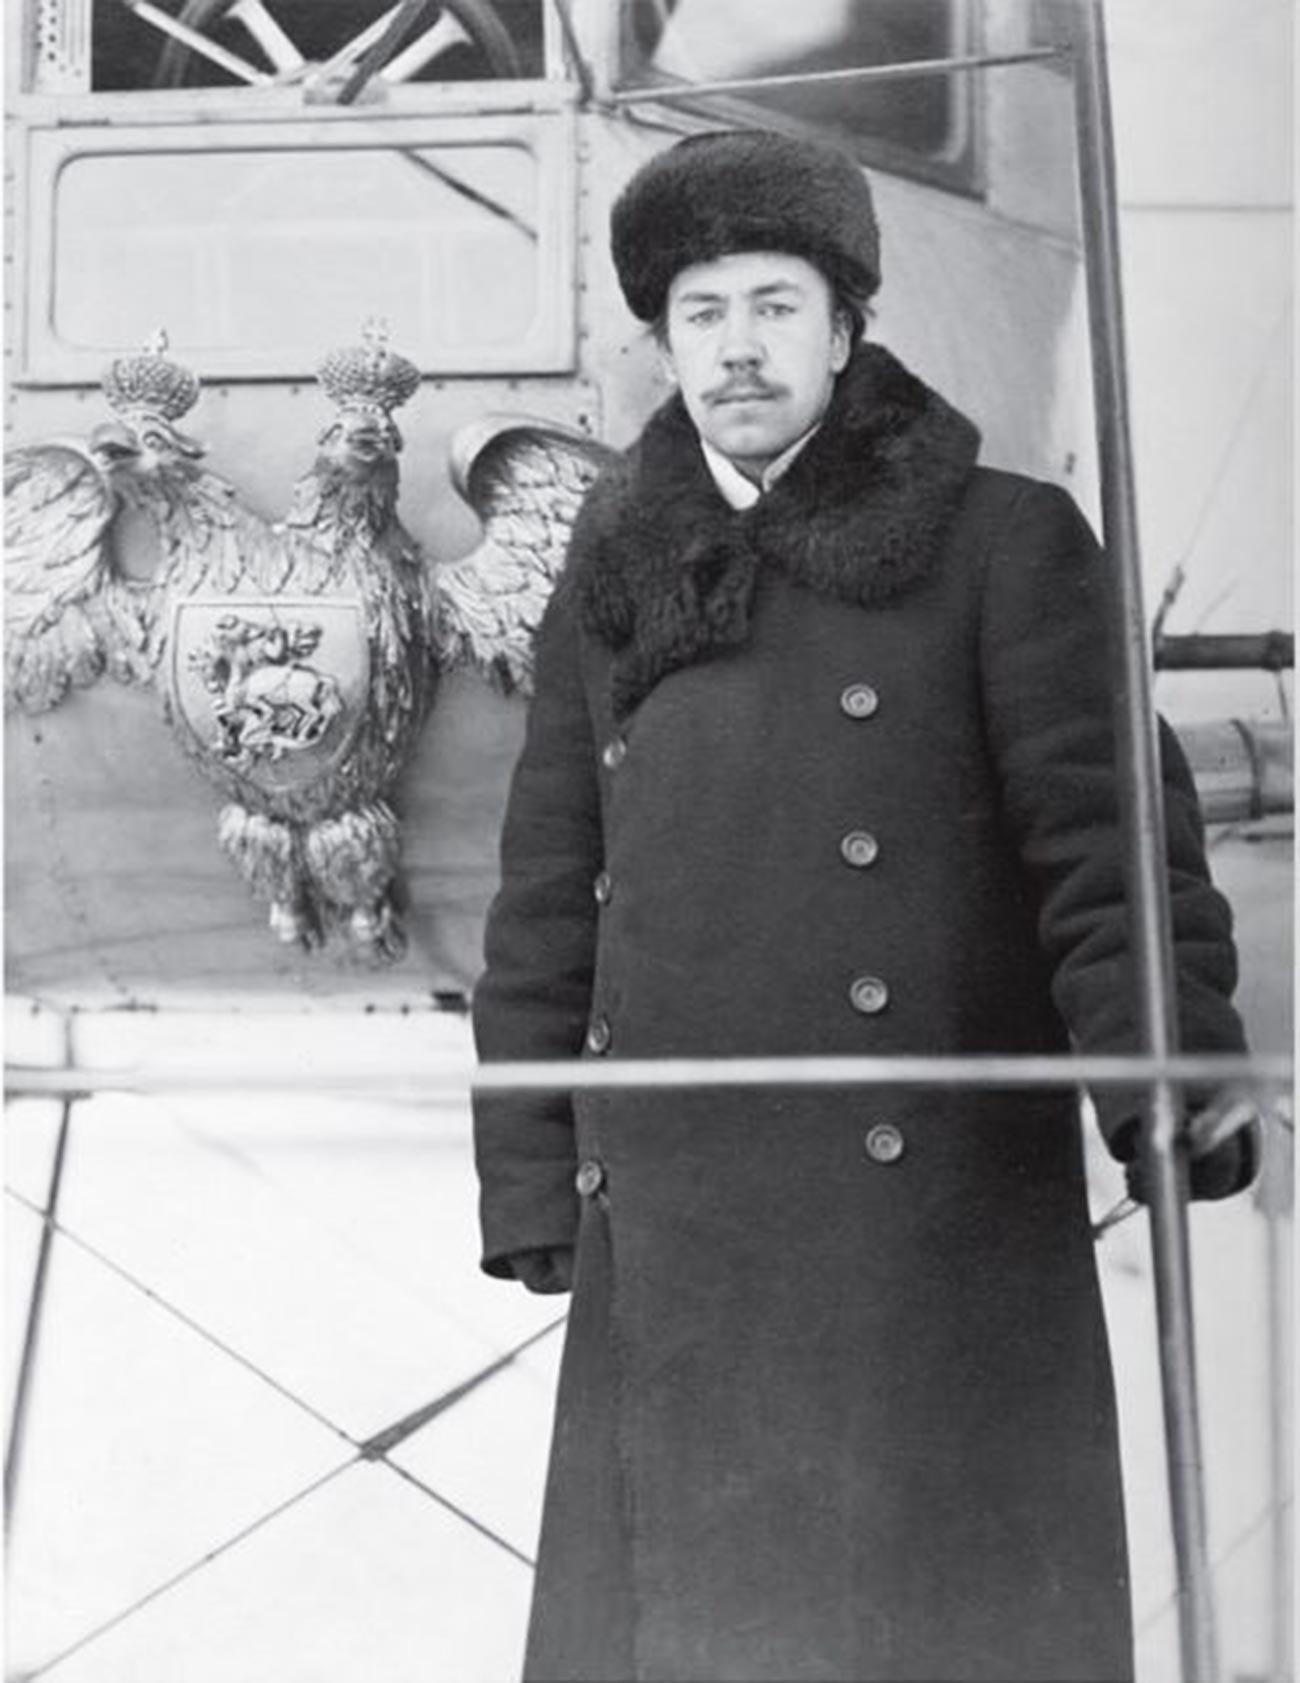 Igor Sikorski